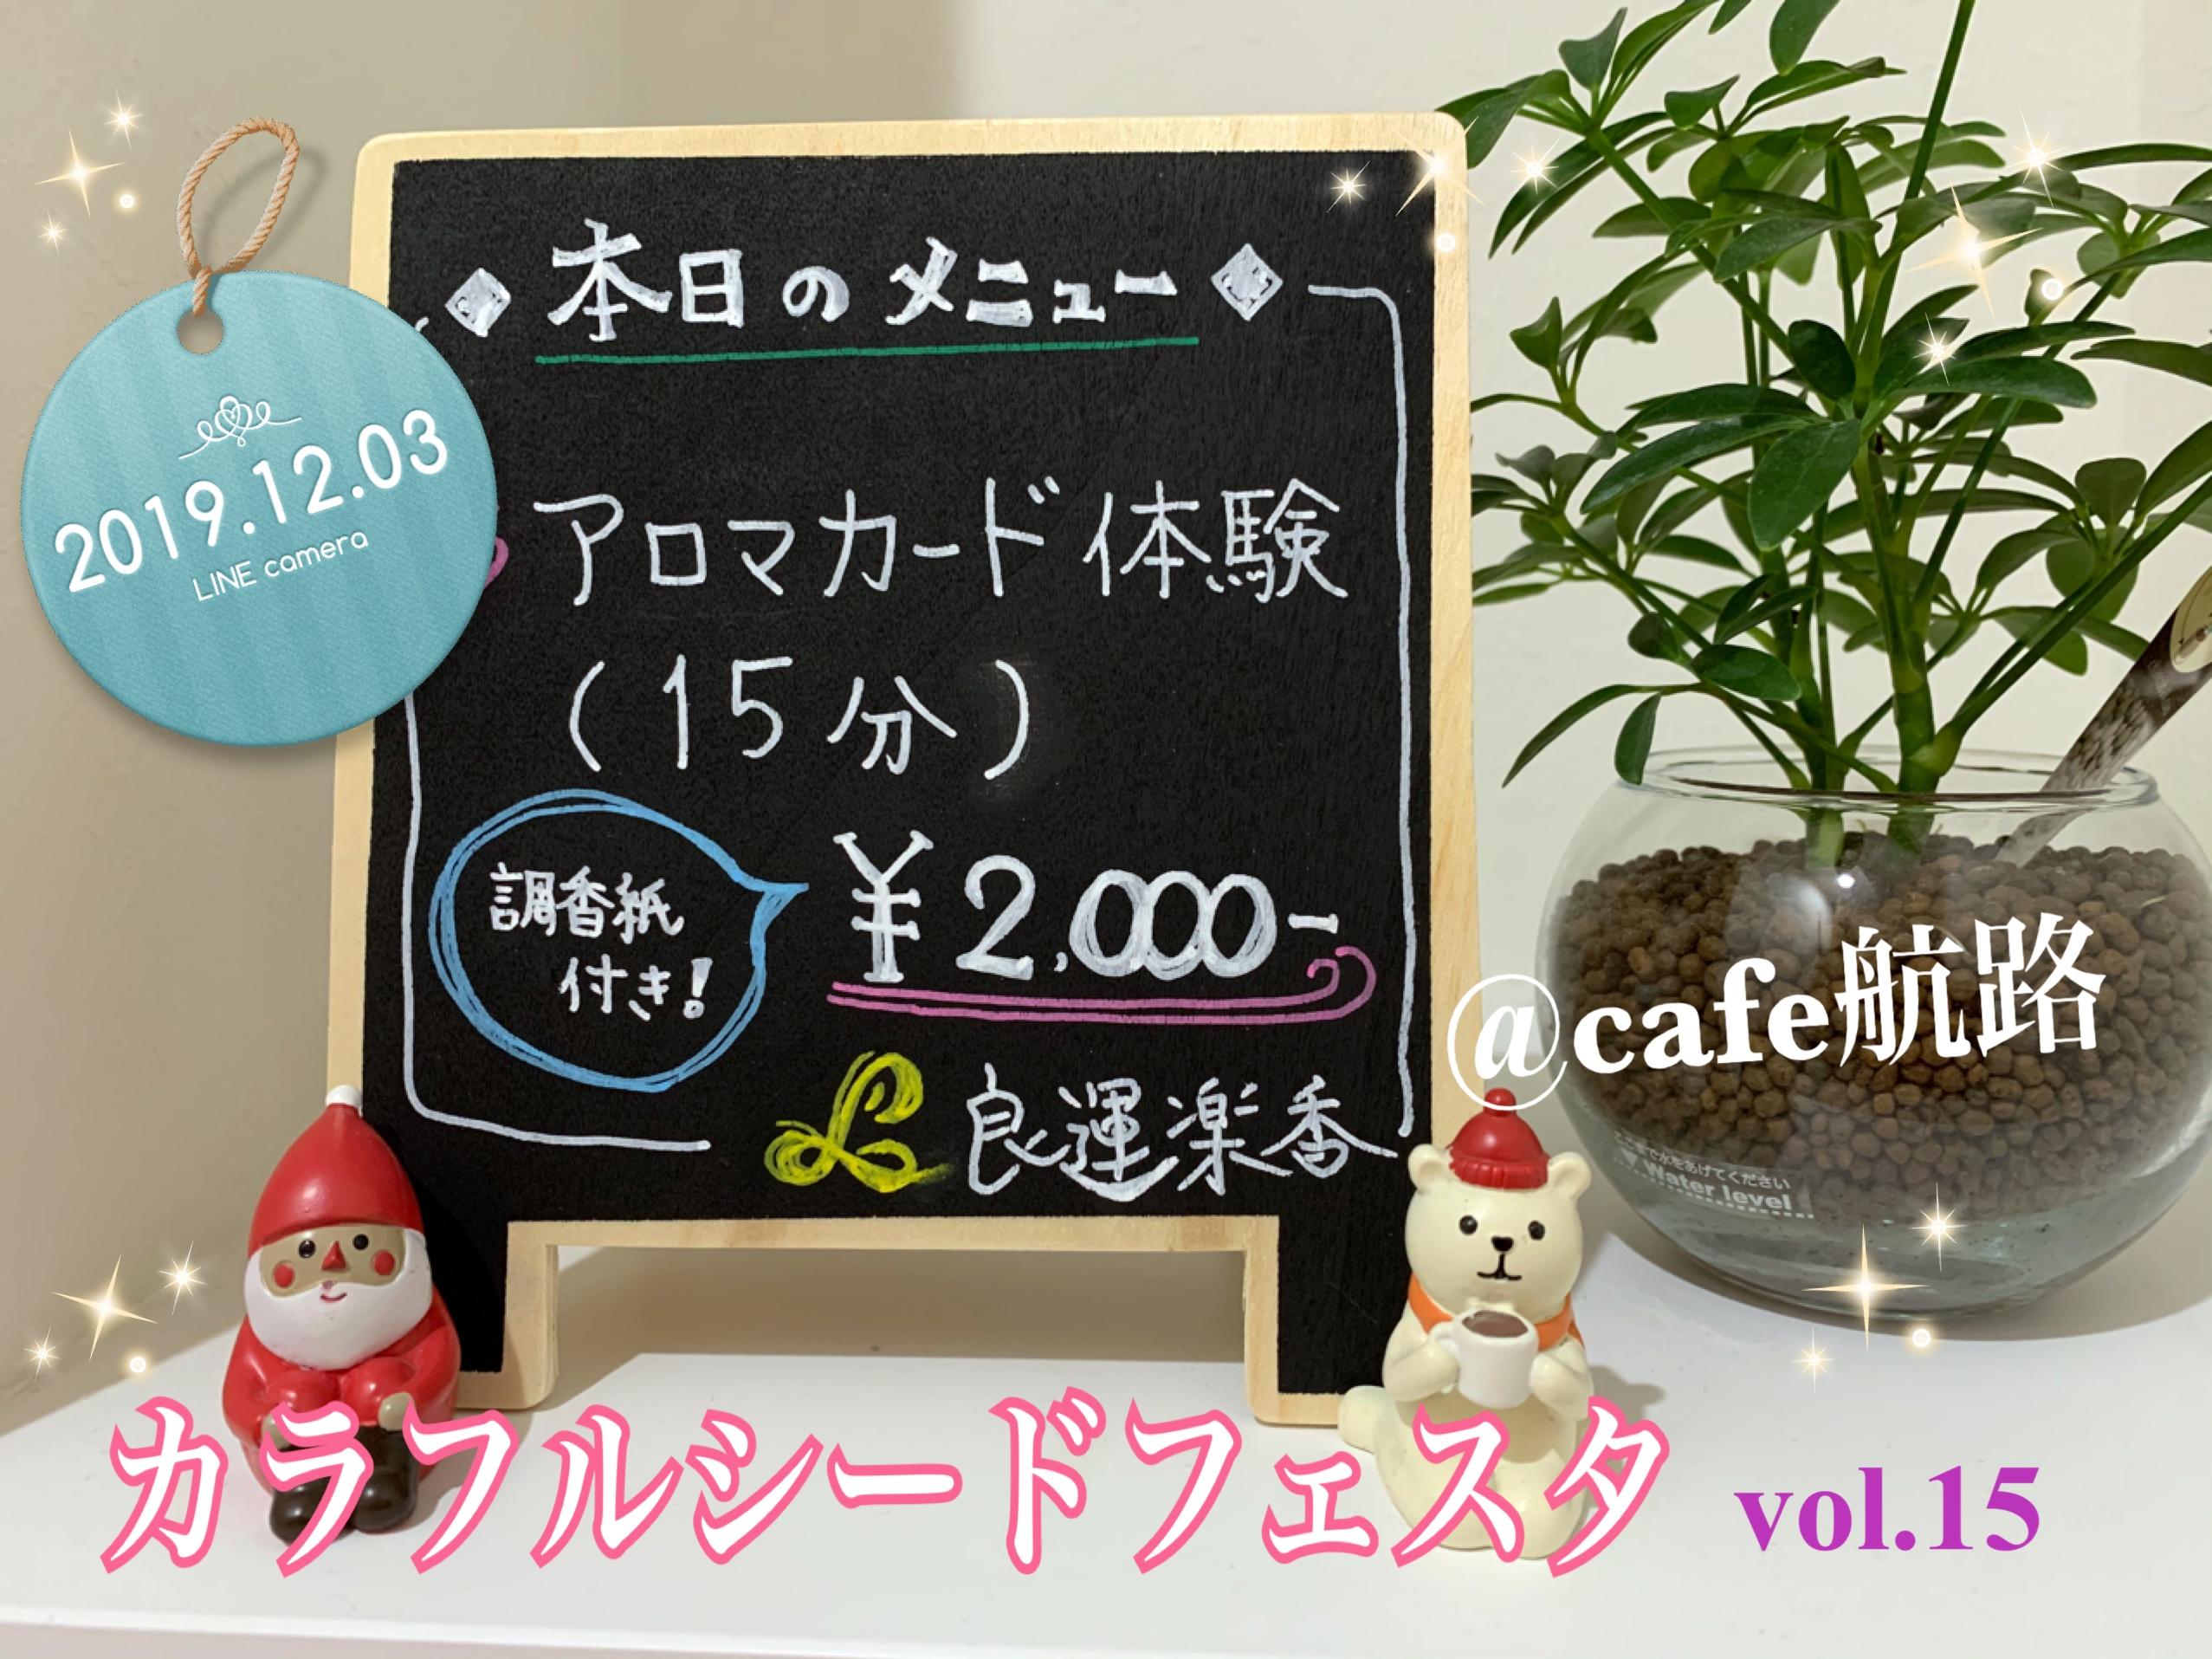 カラフルシードフェスタ vol.15 @cafe航路